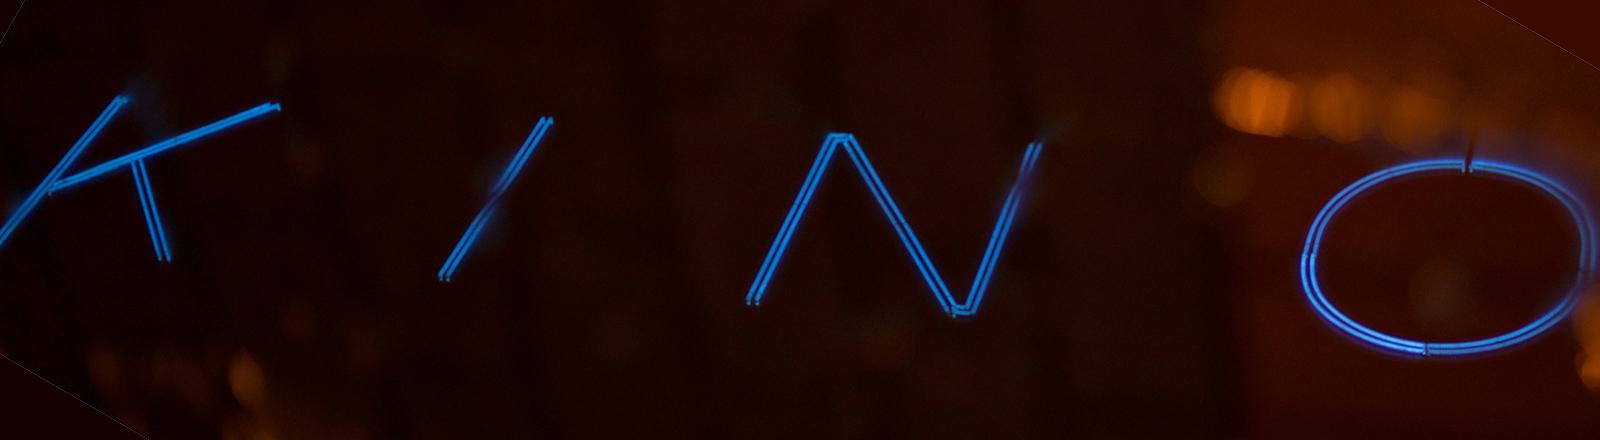 Kino-Leuchtschrift in Blau